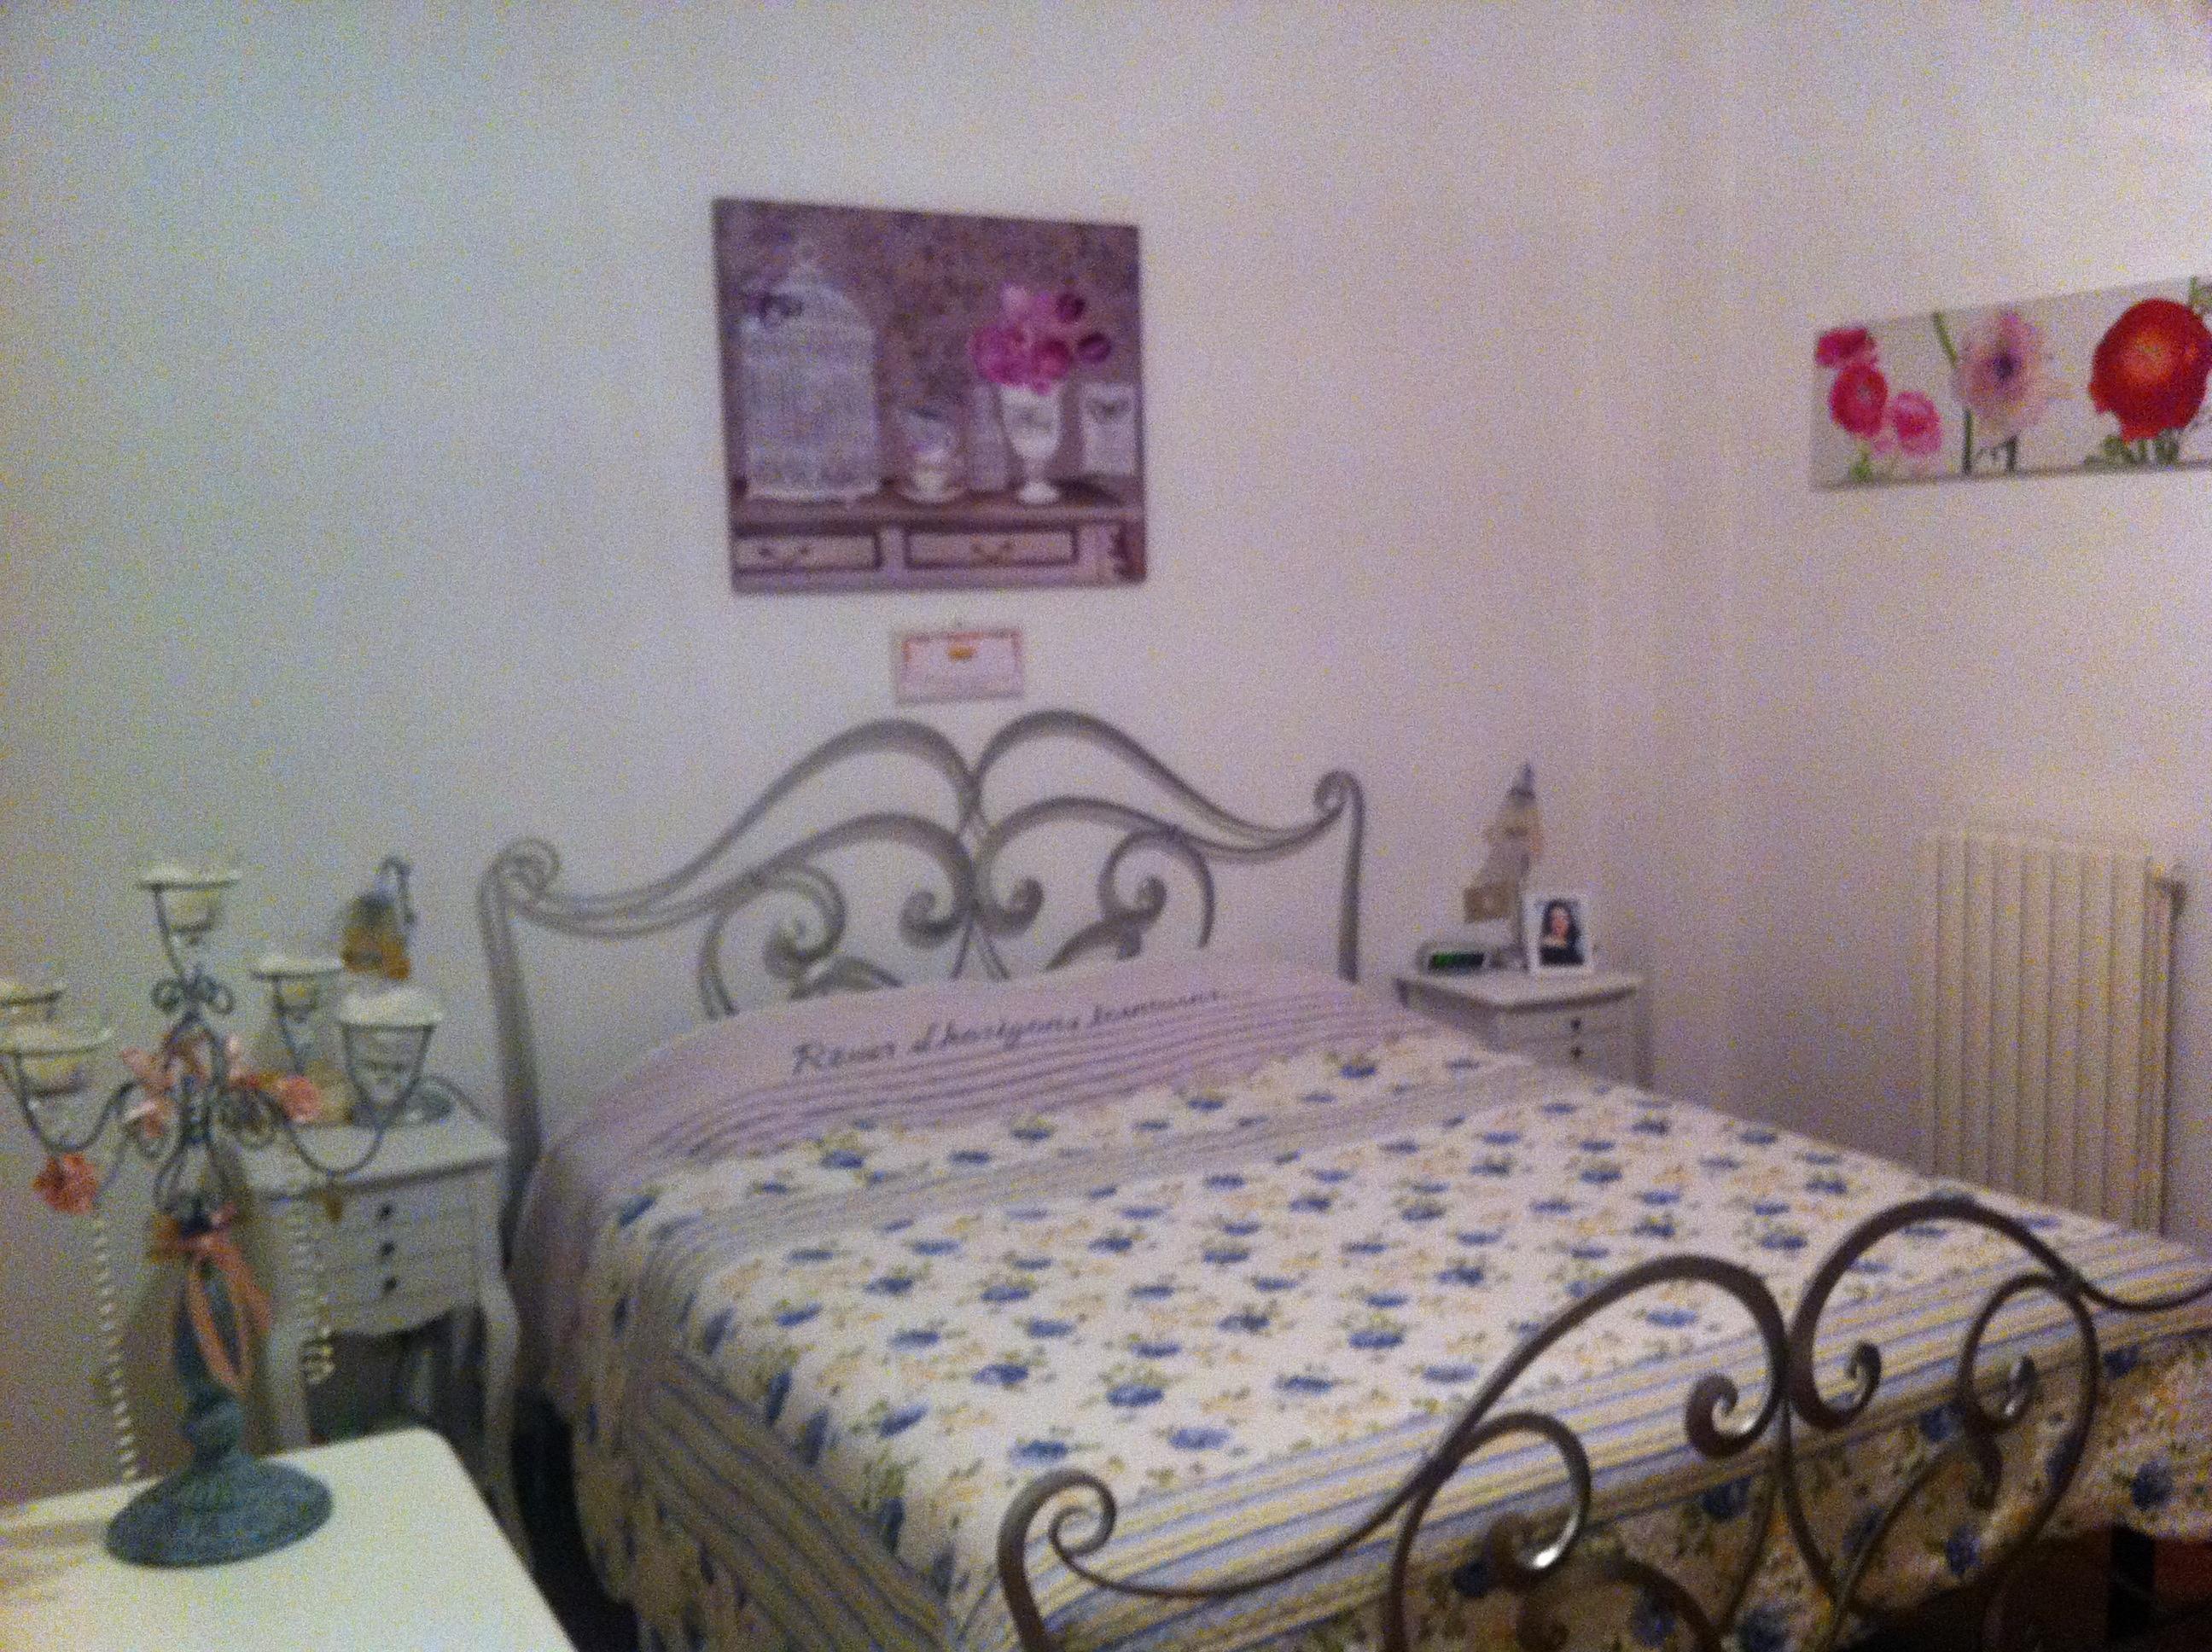 La mia amata camera da letto shabby chic  Alla ricerca del bianconiglio